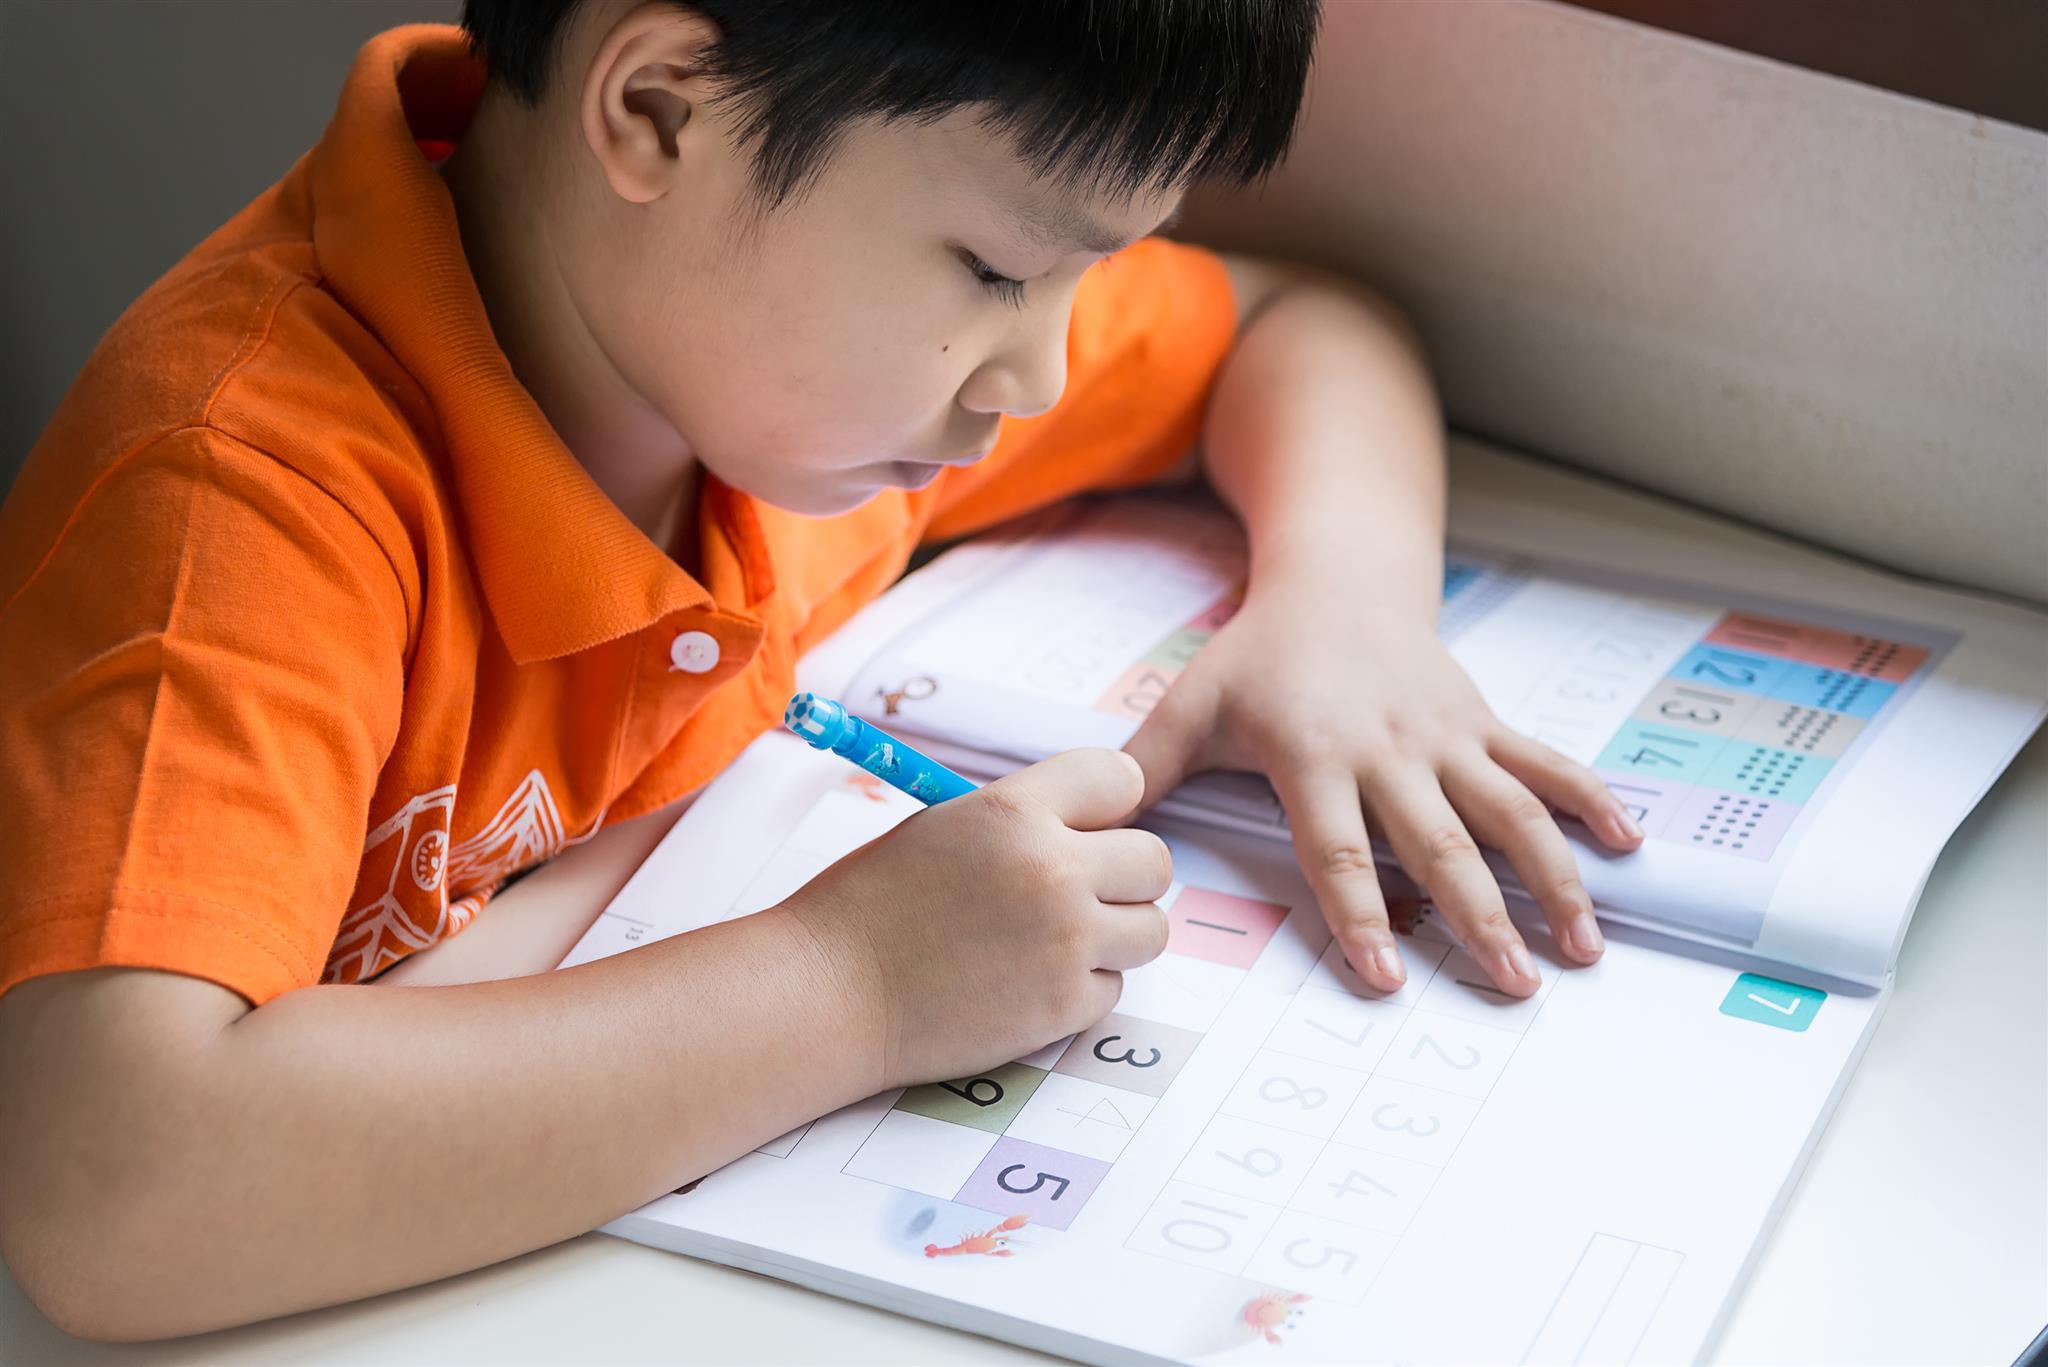 Kỹ năng tự lên kế hoạch giúp trẻ đạt hiệu quả học tập cao hơn